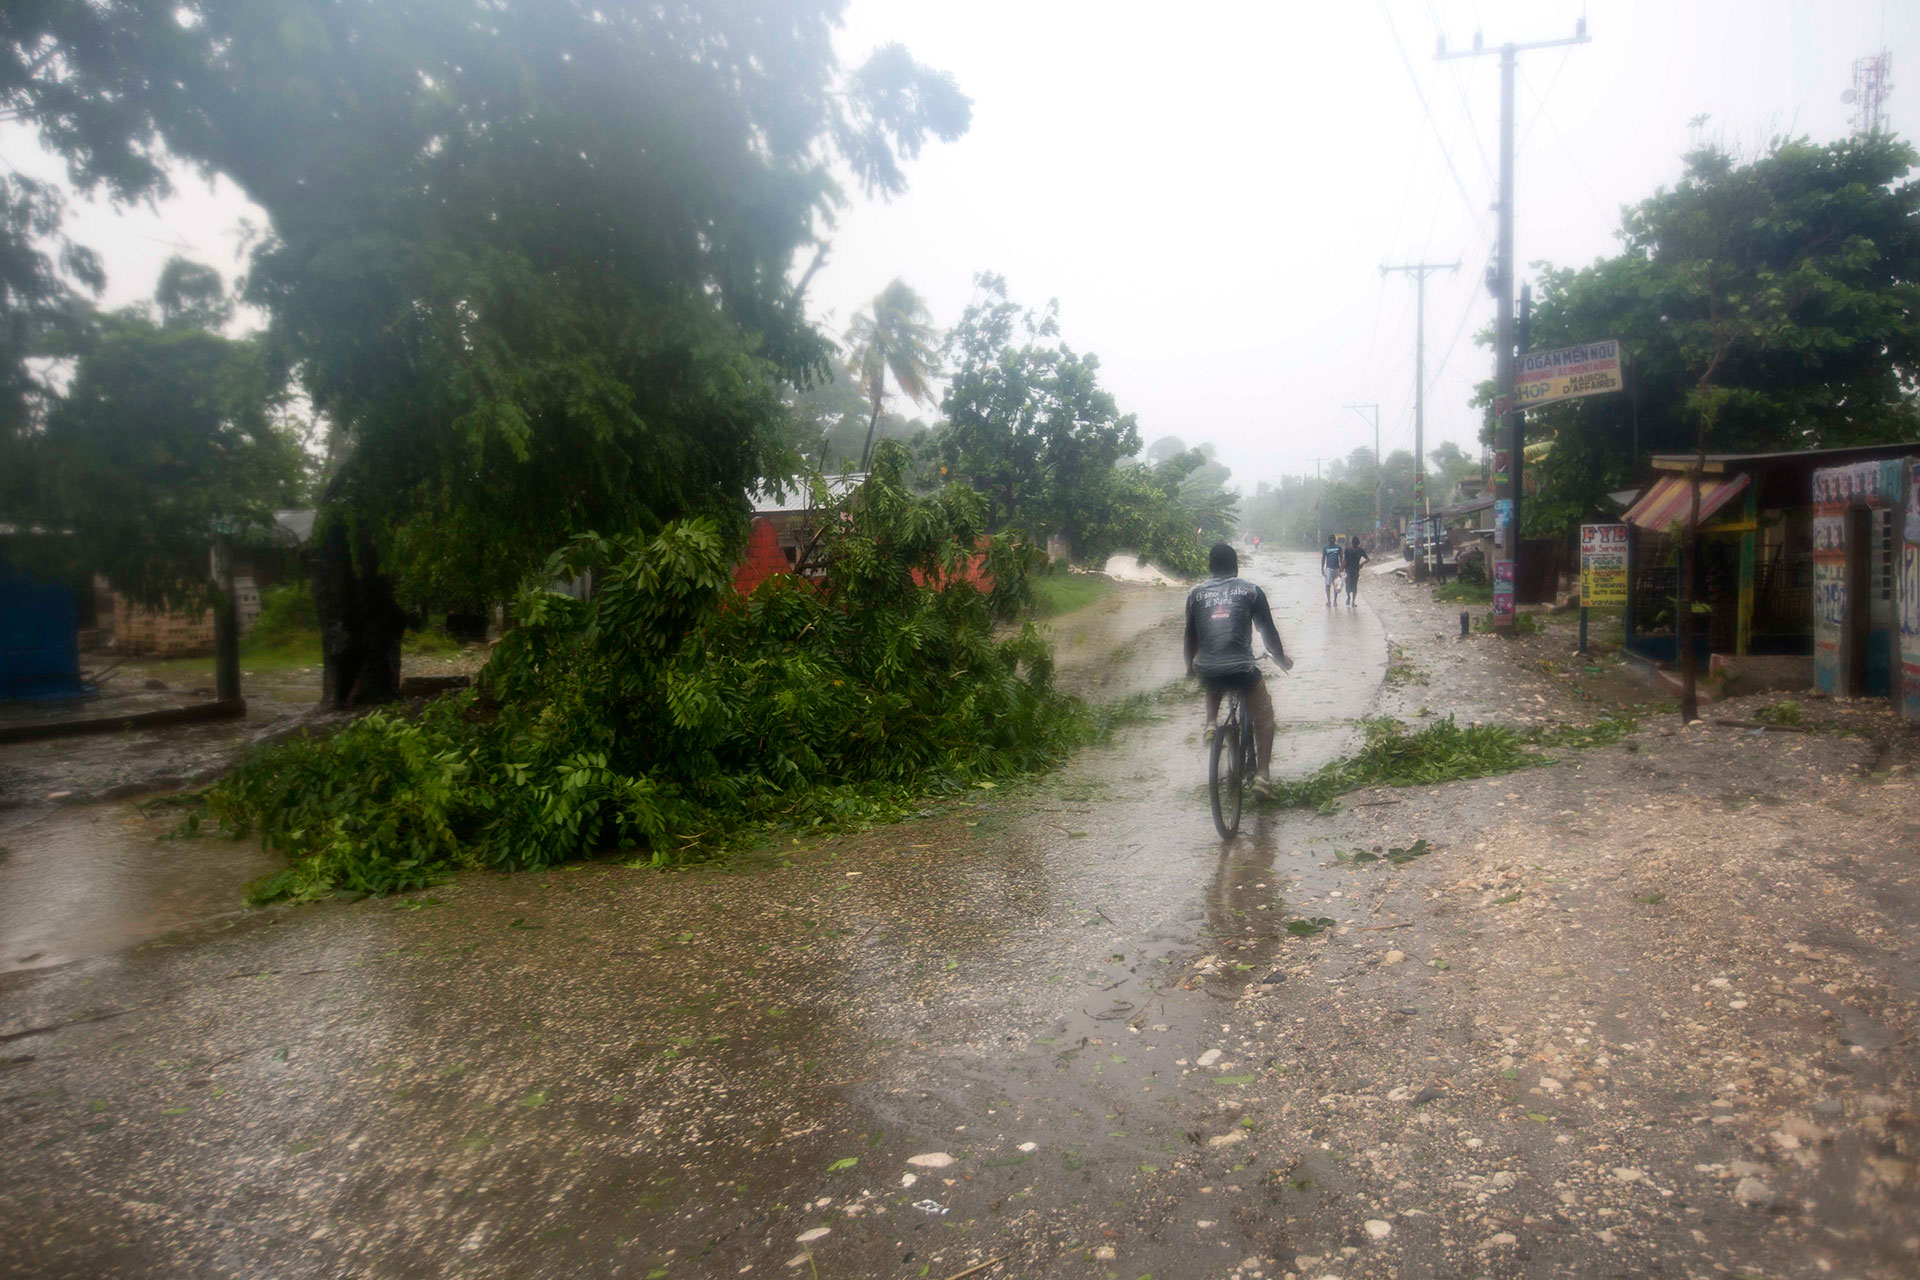 El Centro Nacional de Huracanes de Estados Unidos en Miami dijo que los vientos de Matthew amainaron ligeramente durante la noche, lo que hizo que pasara de categoría 4 a una potente tormenta de categoría 3 (AP)